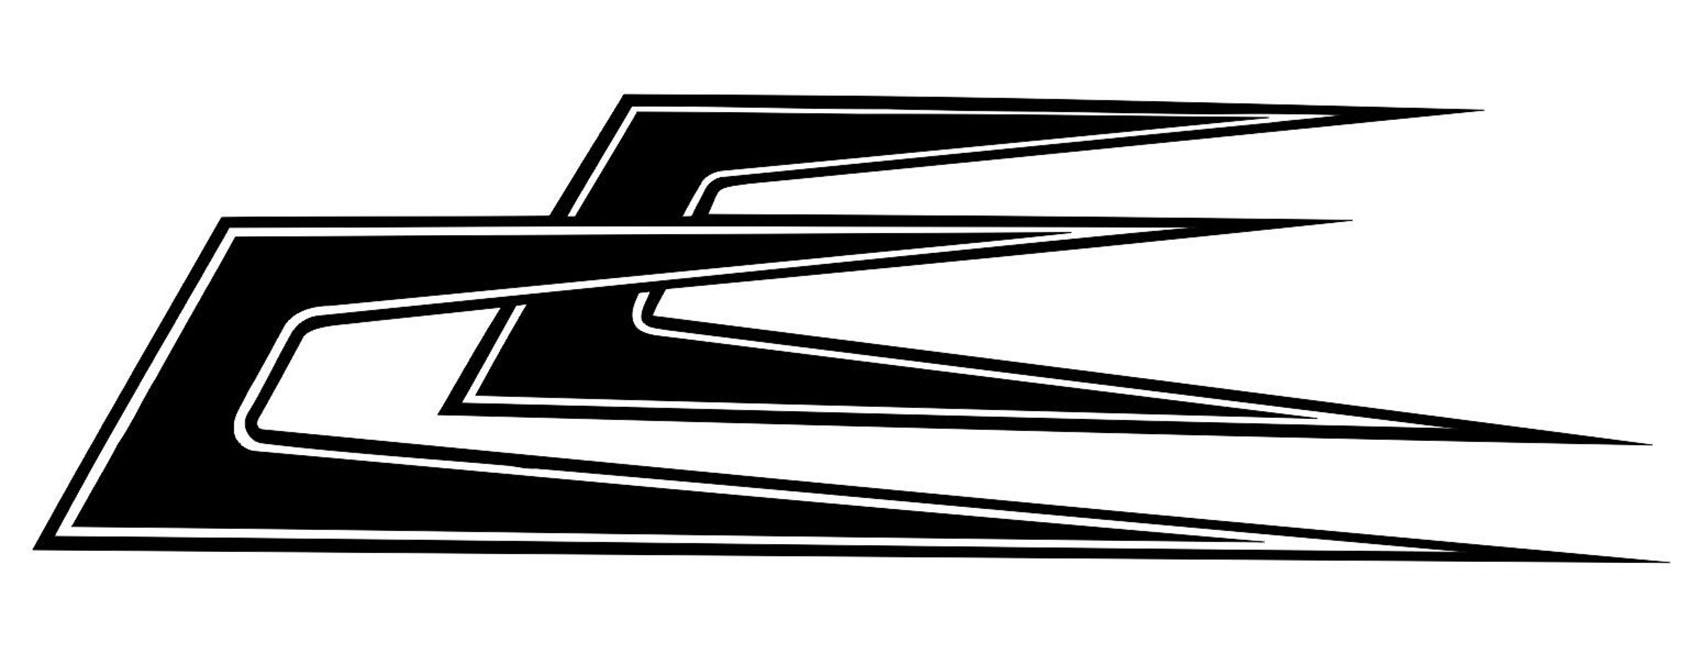 Lkw Sticker